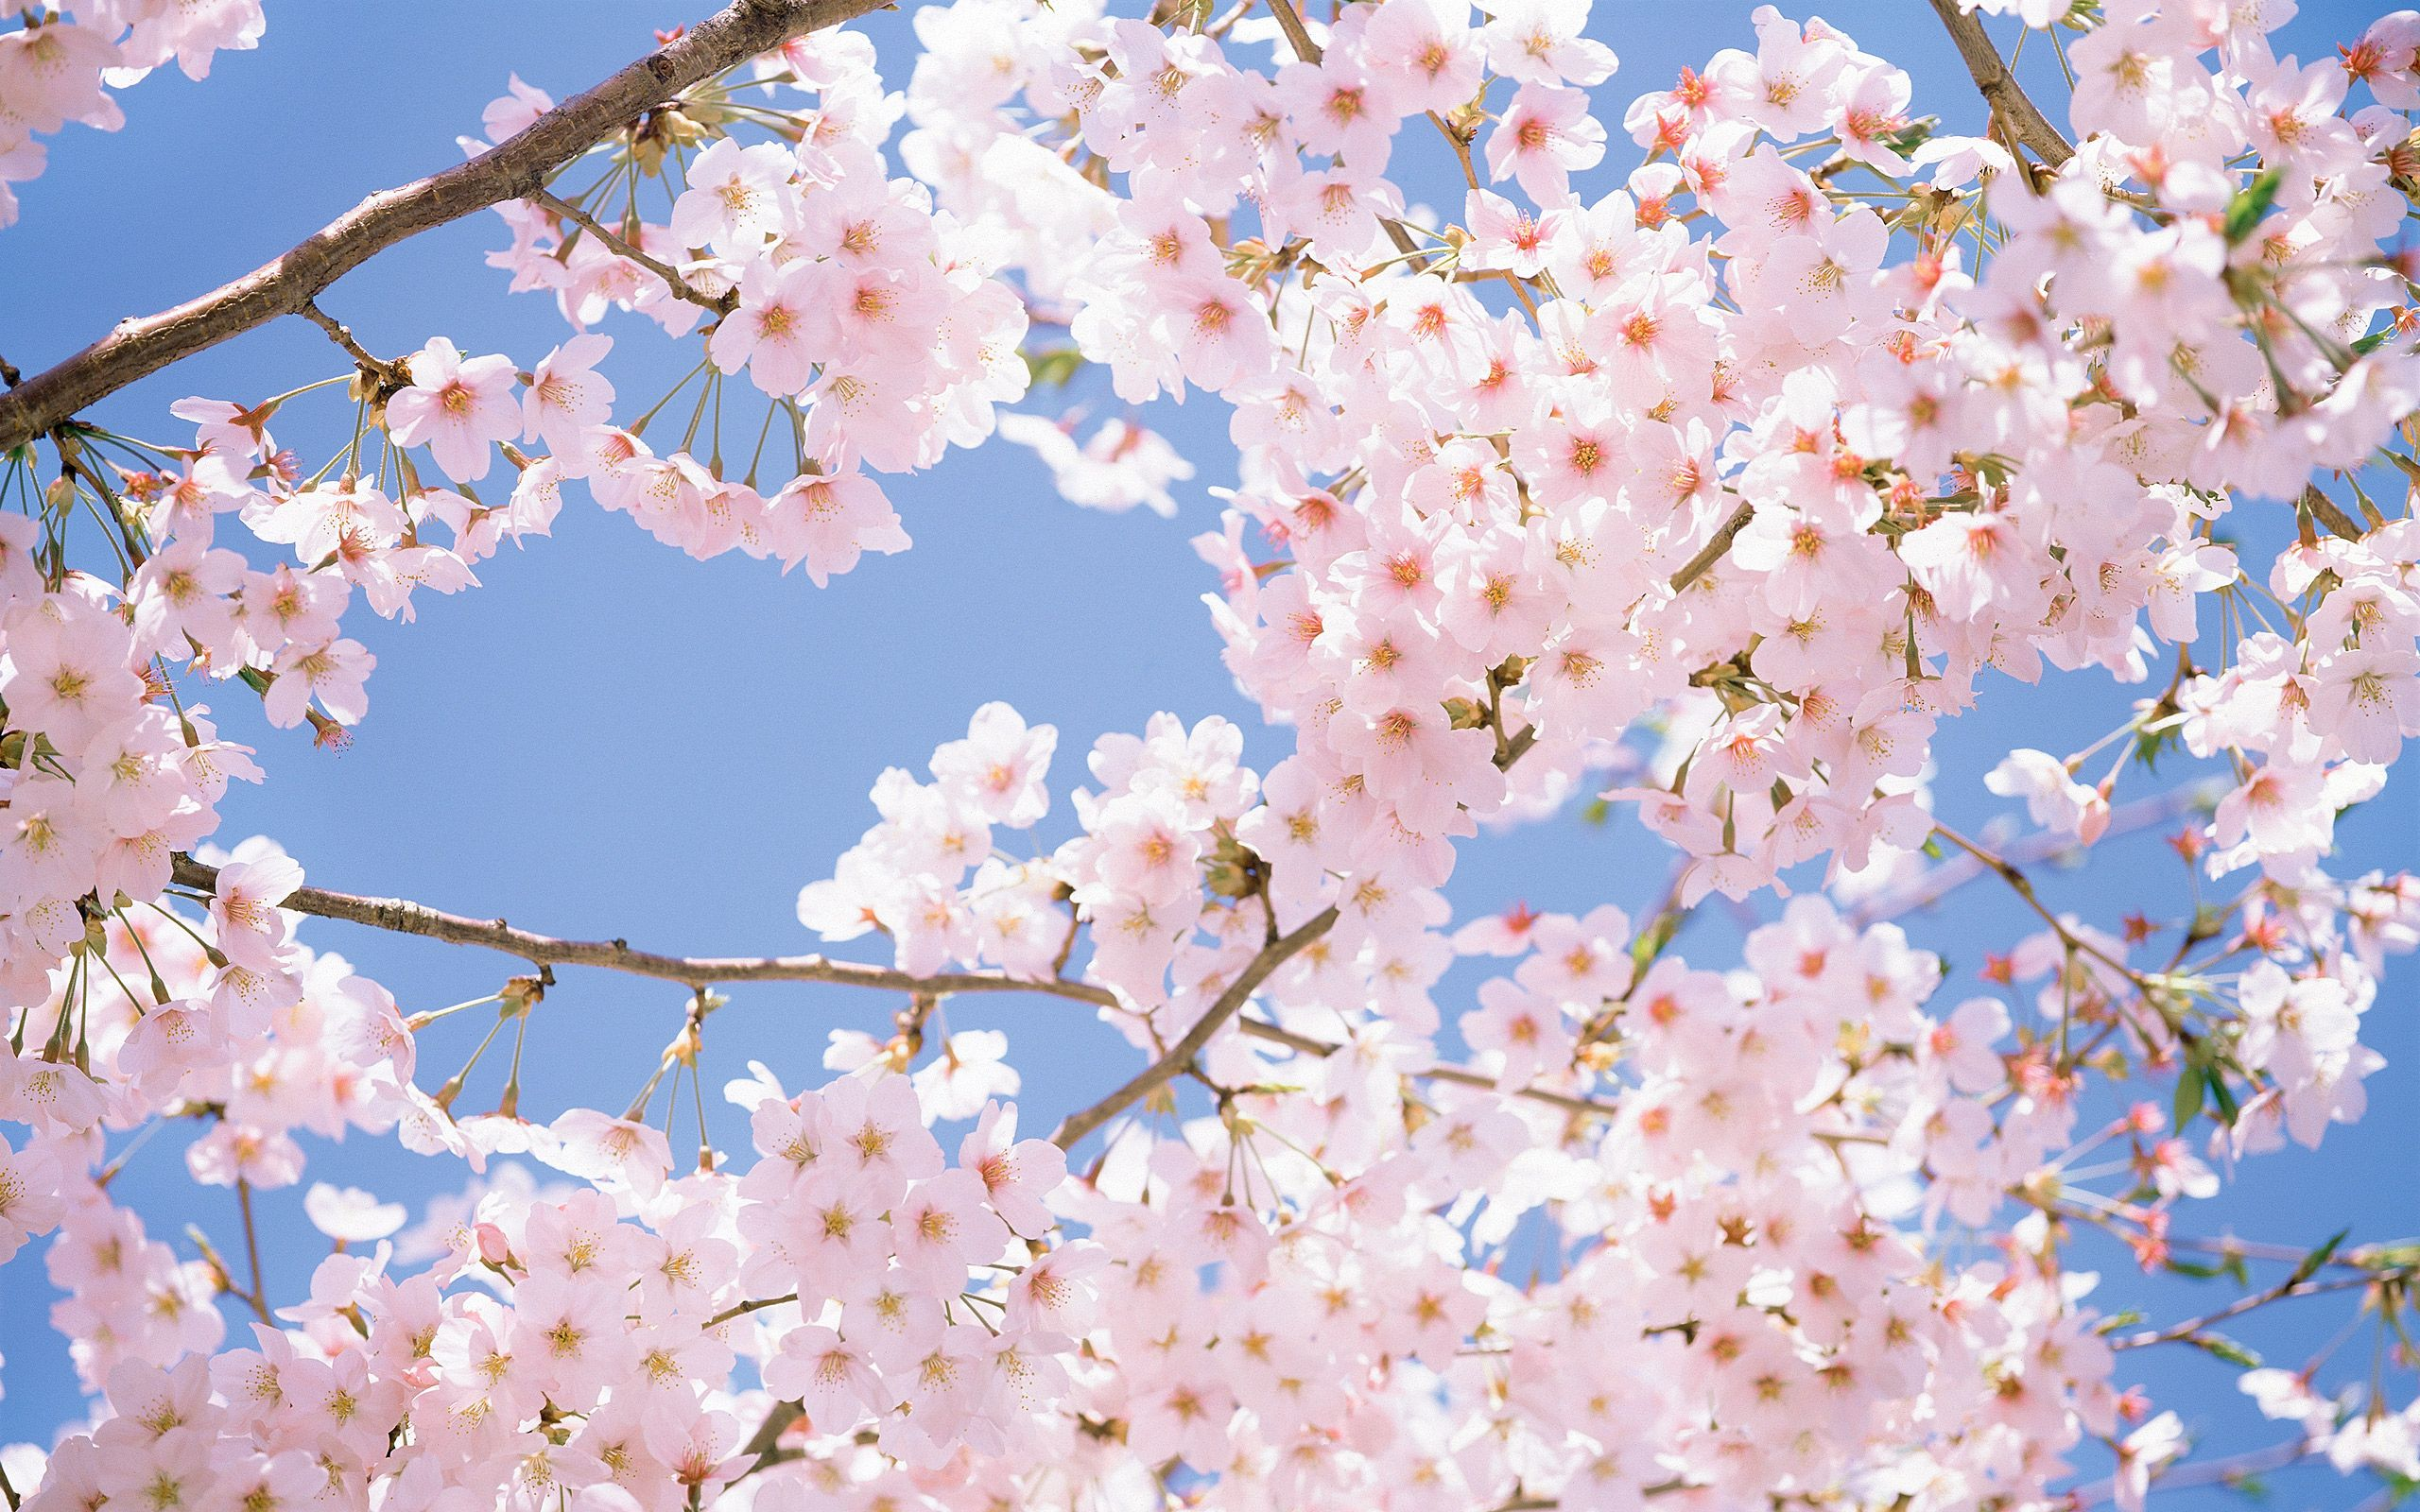 White Flowers Wallpaper Best Wallpaper Hd Cherry Blossom Wallpaper Apple Blossom Flower Flower Wallpaper